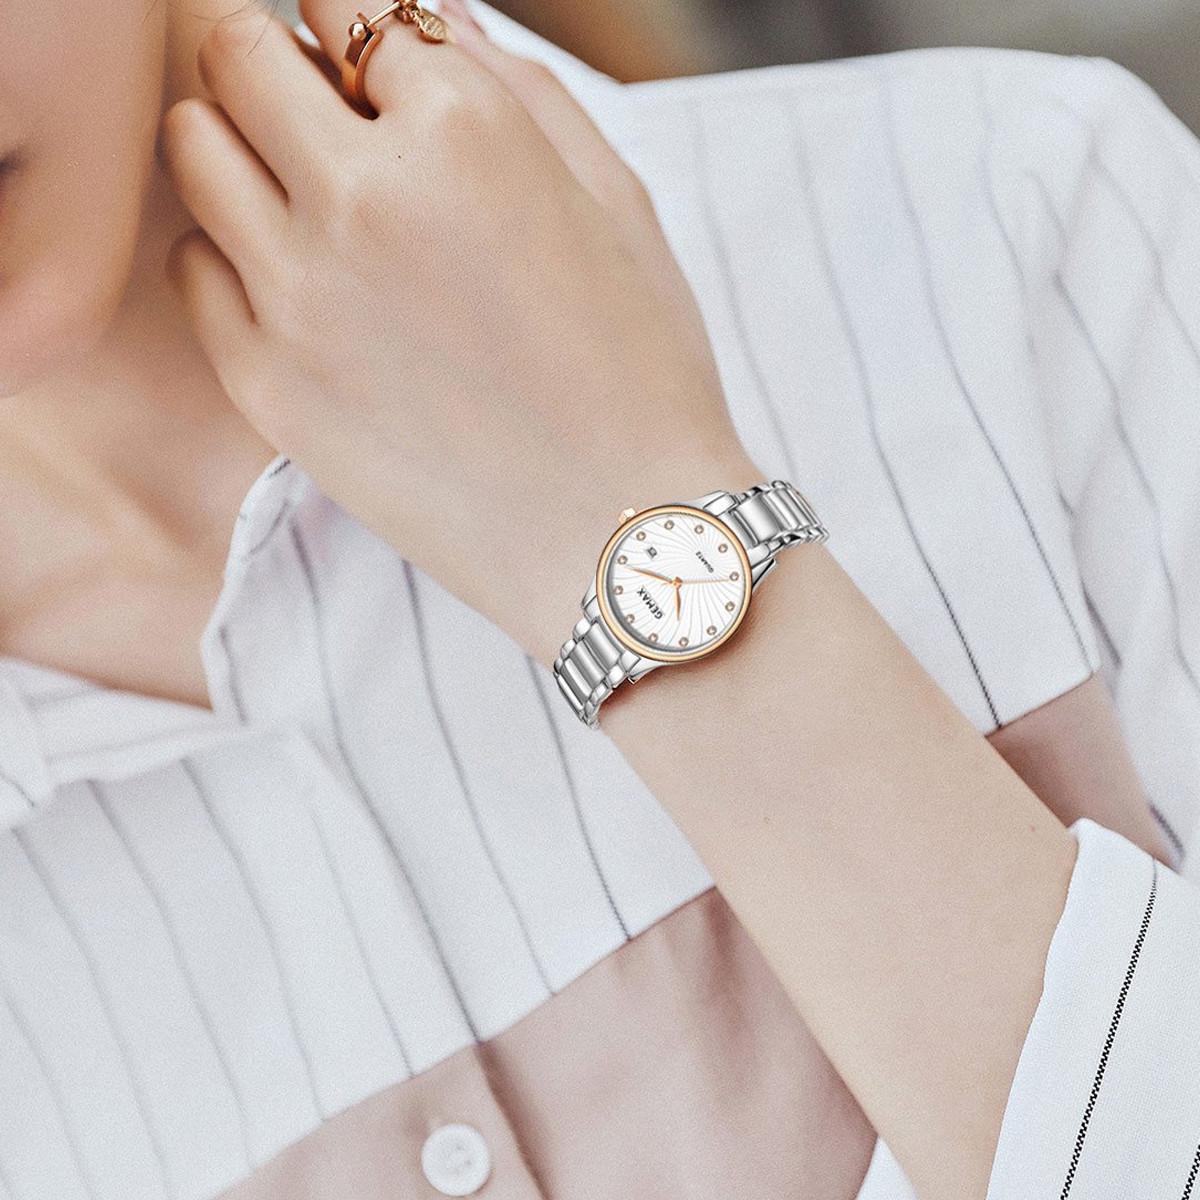 格玛仕正品专柜同款女士手表简约通勤镶钻带日历纤薄石英女士防水手表52223-CPR-DW